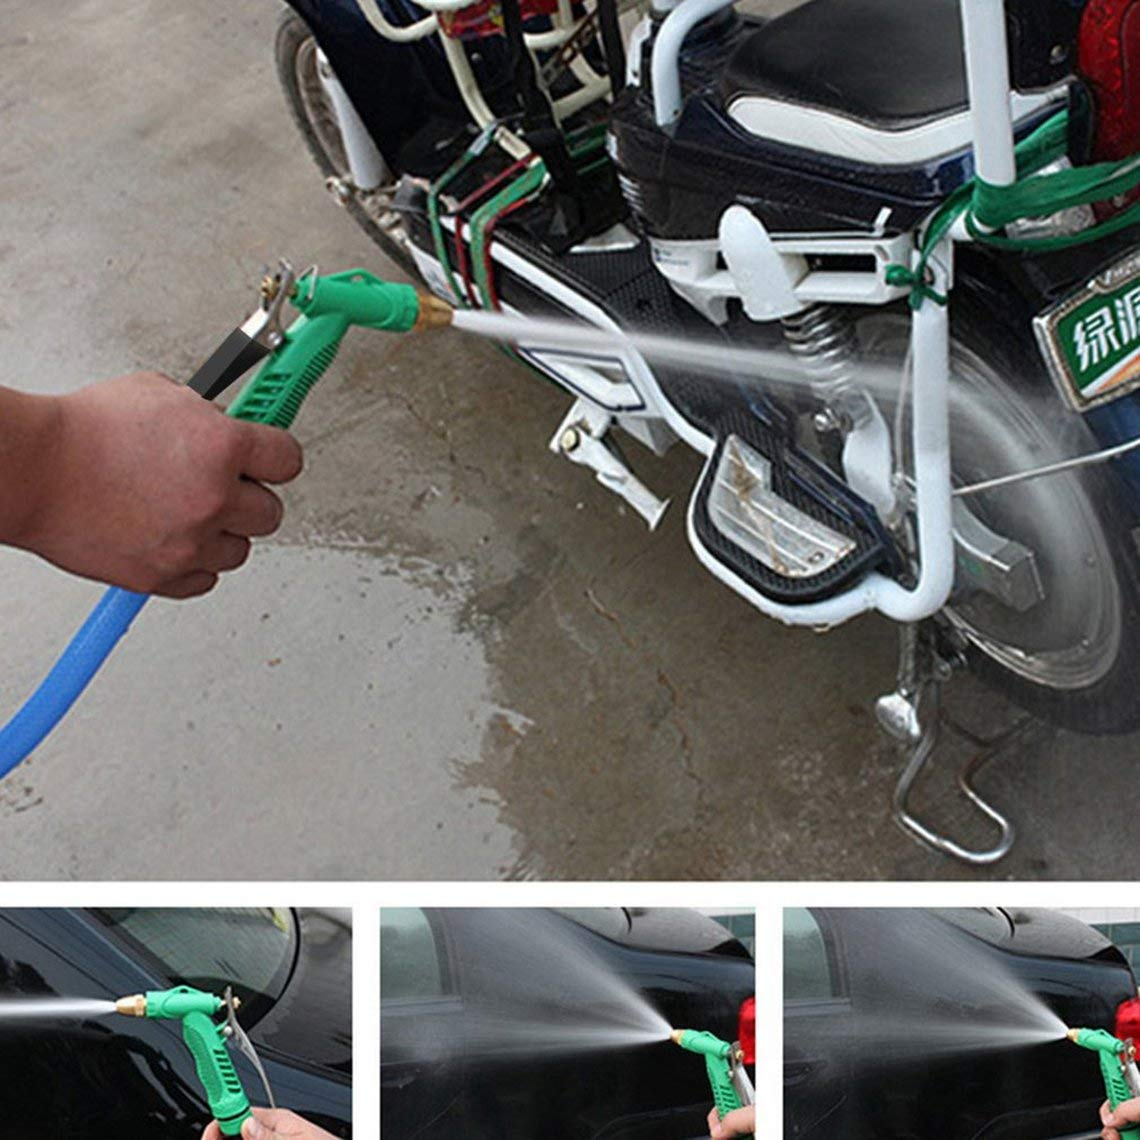 Zinniaya NewCopper Regolabile ad Alta Pressione per Auto Lavaggio Pistola ad Acqua Testa Giardino Lavatrice Pulizia Macchina utensile Accessori